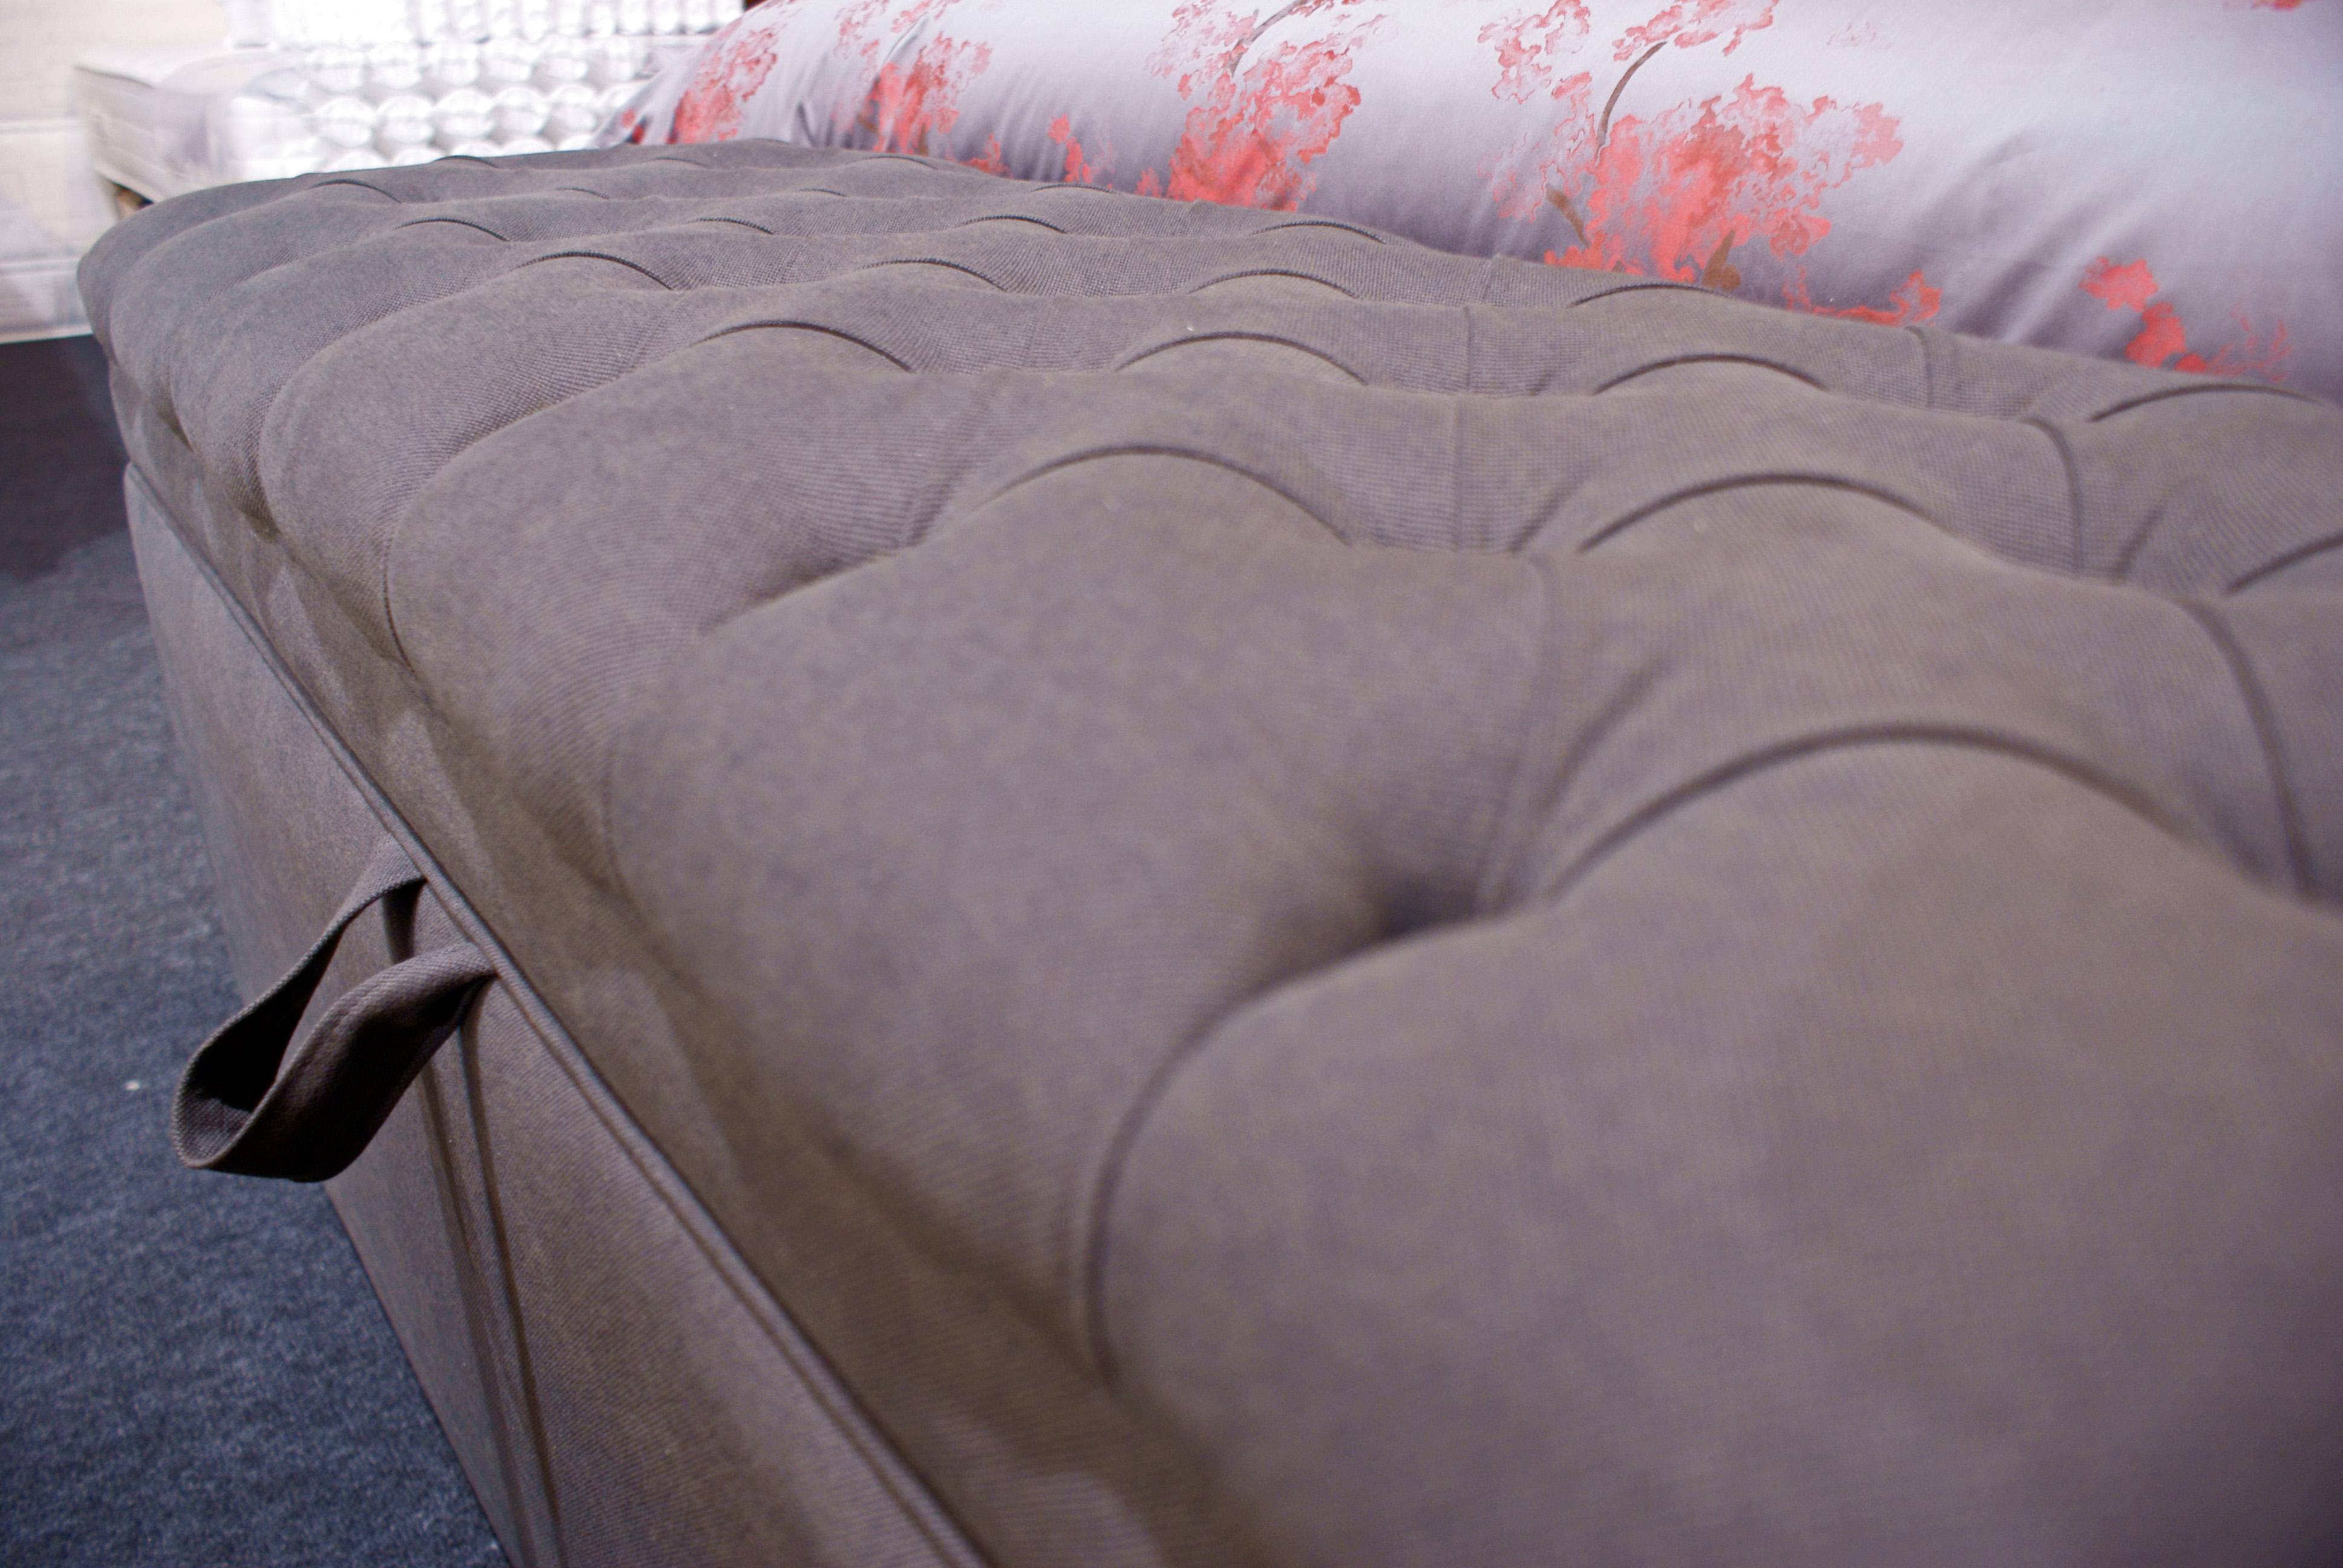 Bedkoffer Image